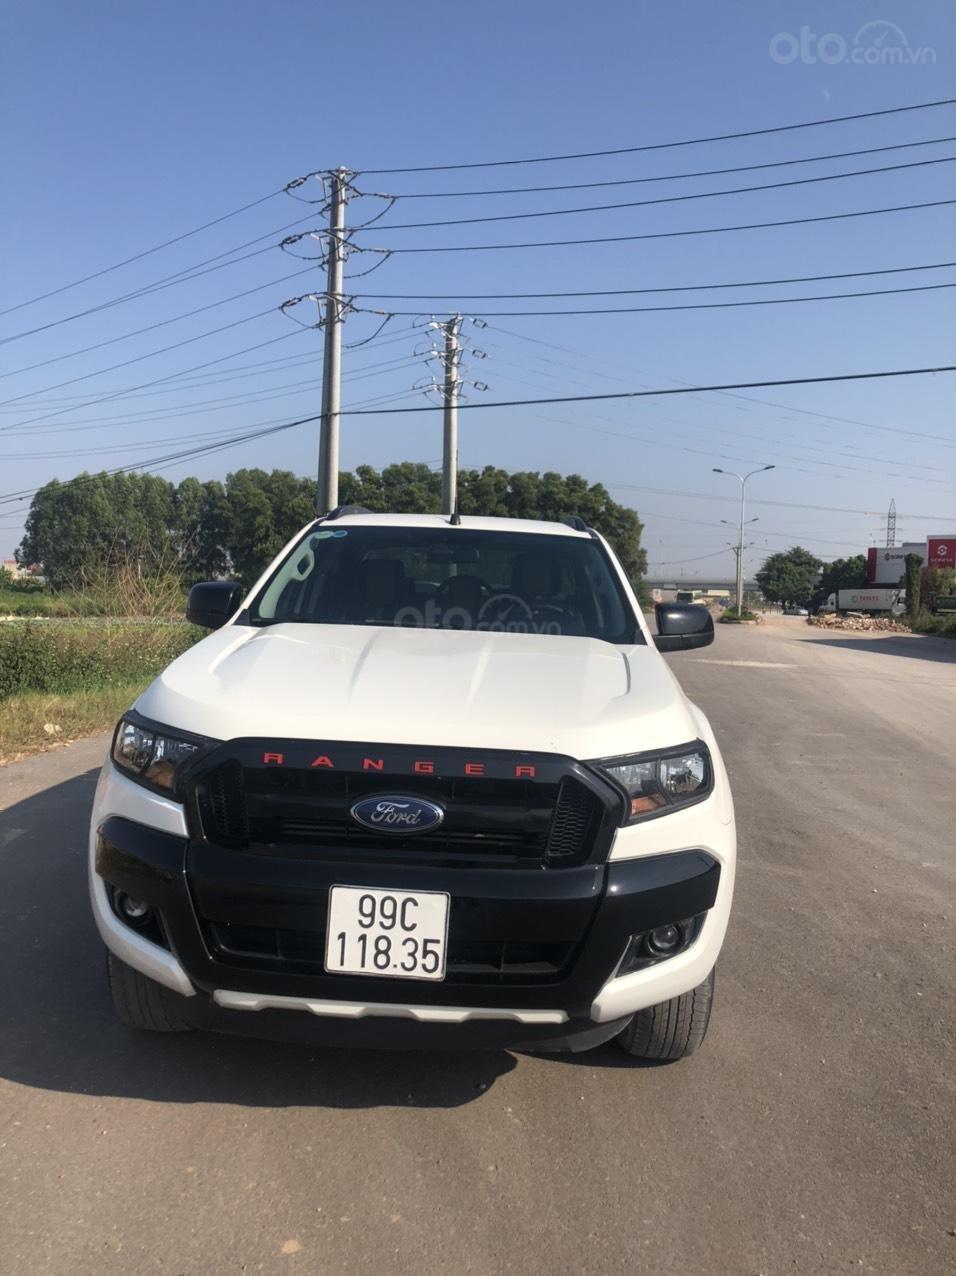 Cần bán gấp Ford Ranger đời 2017, màu trắng, nhập khẩu, giá tốt 550 triệu đồng (1)